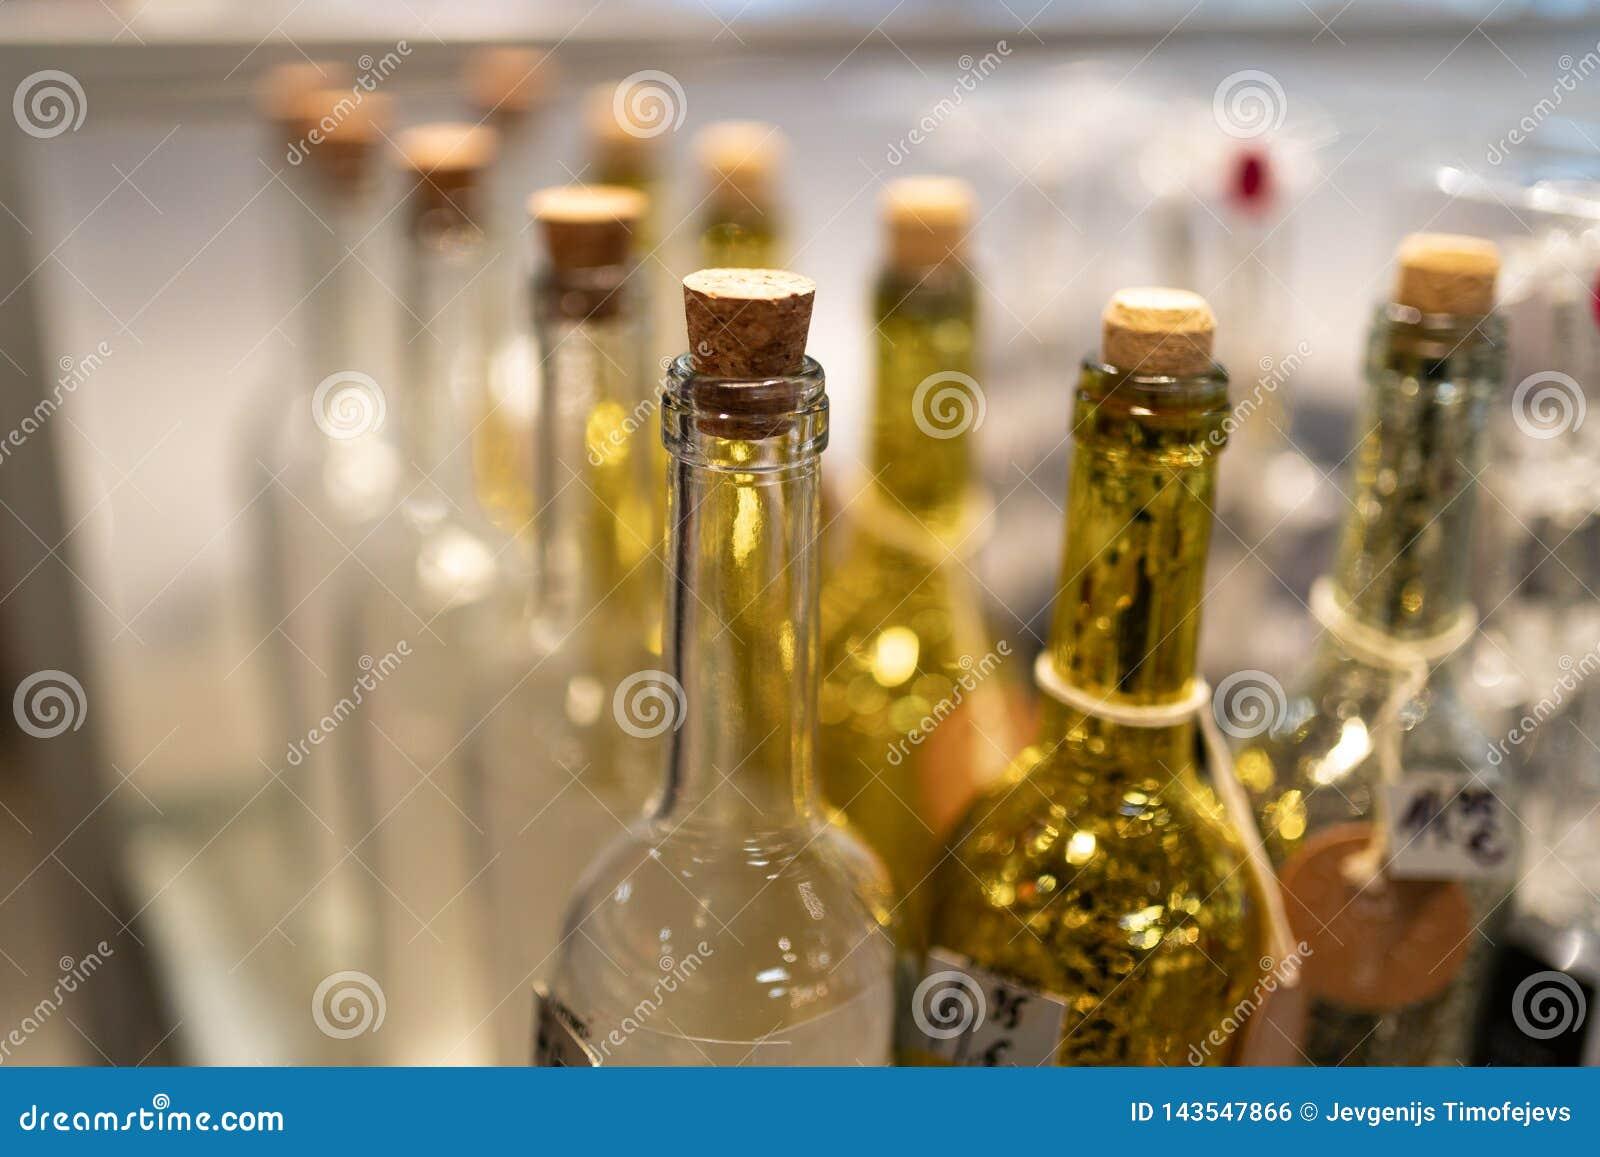 黄色和白色玻璃瓶在商店